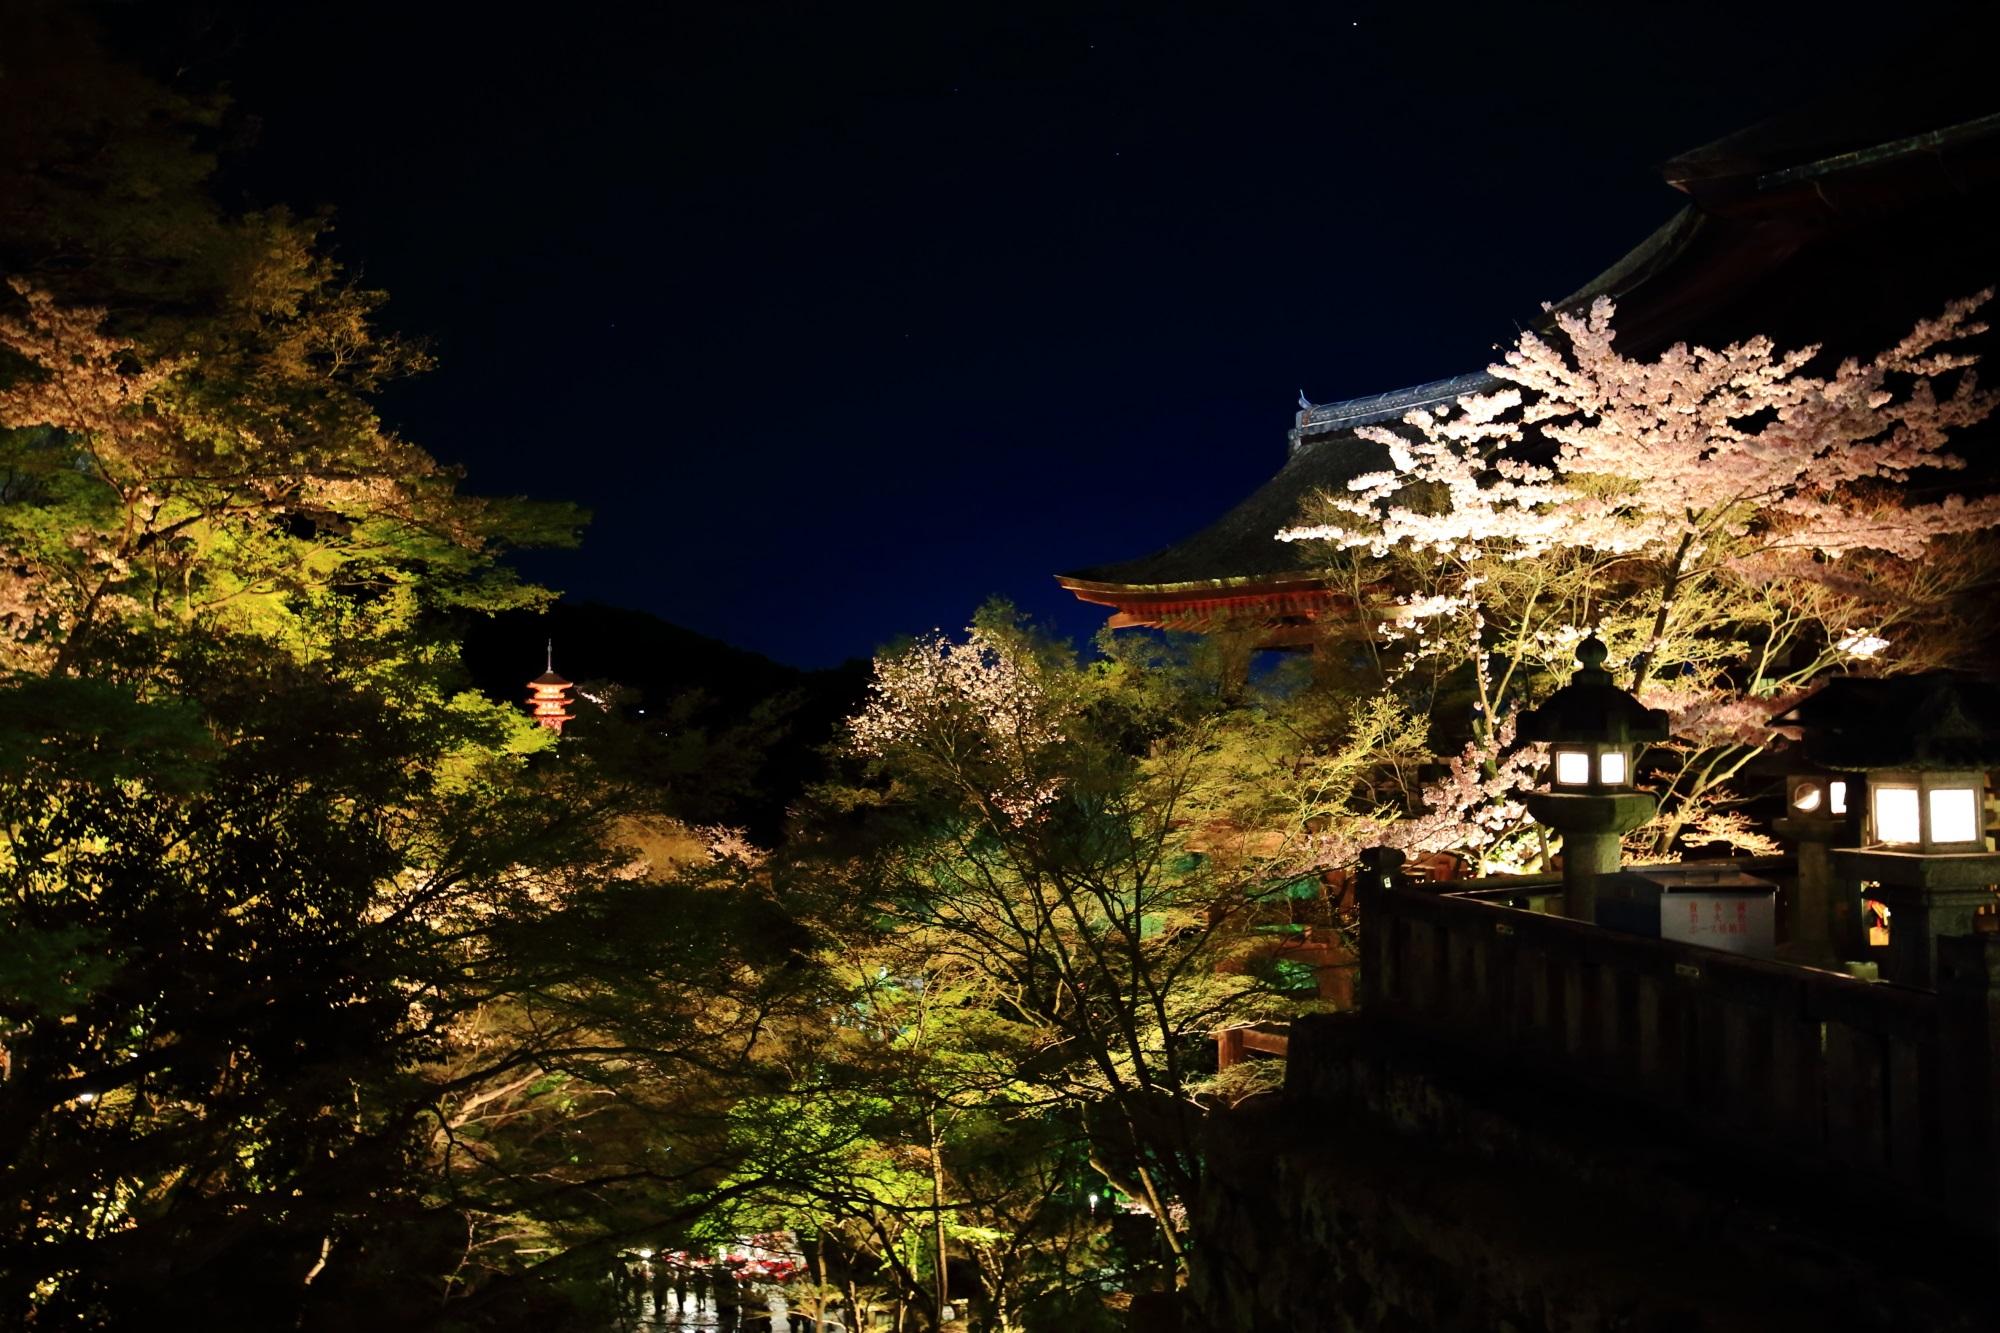 清水寺のライトアップされた本堂と子安塔